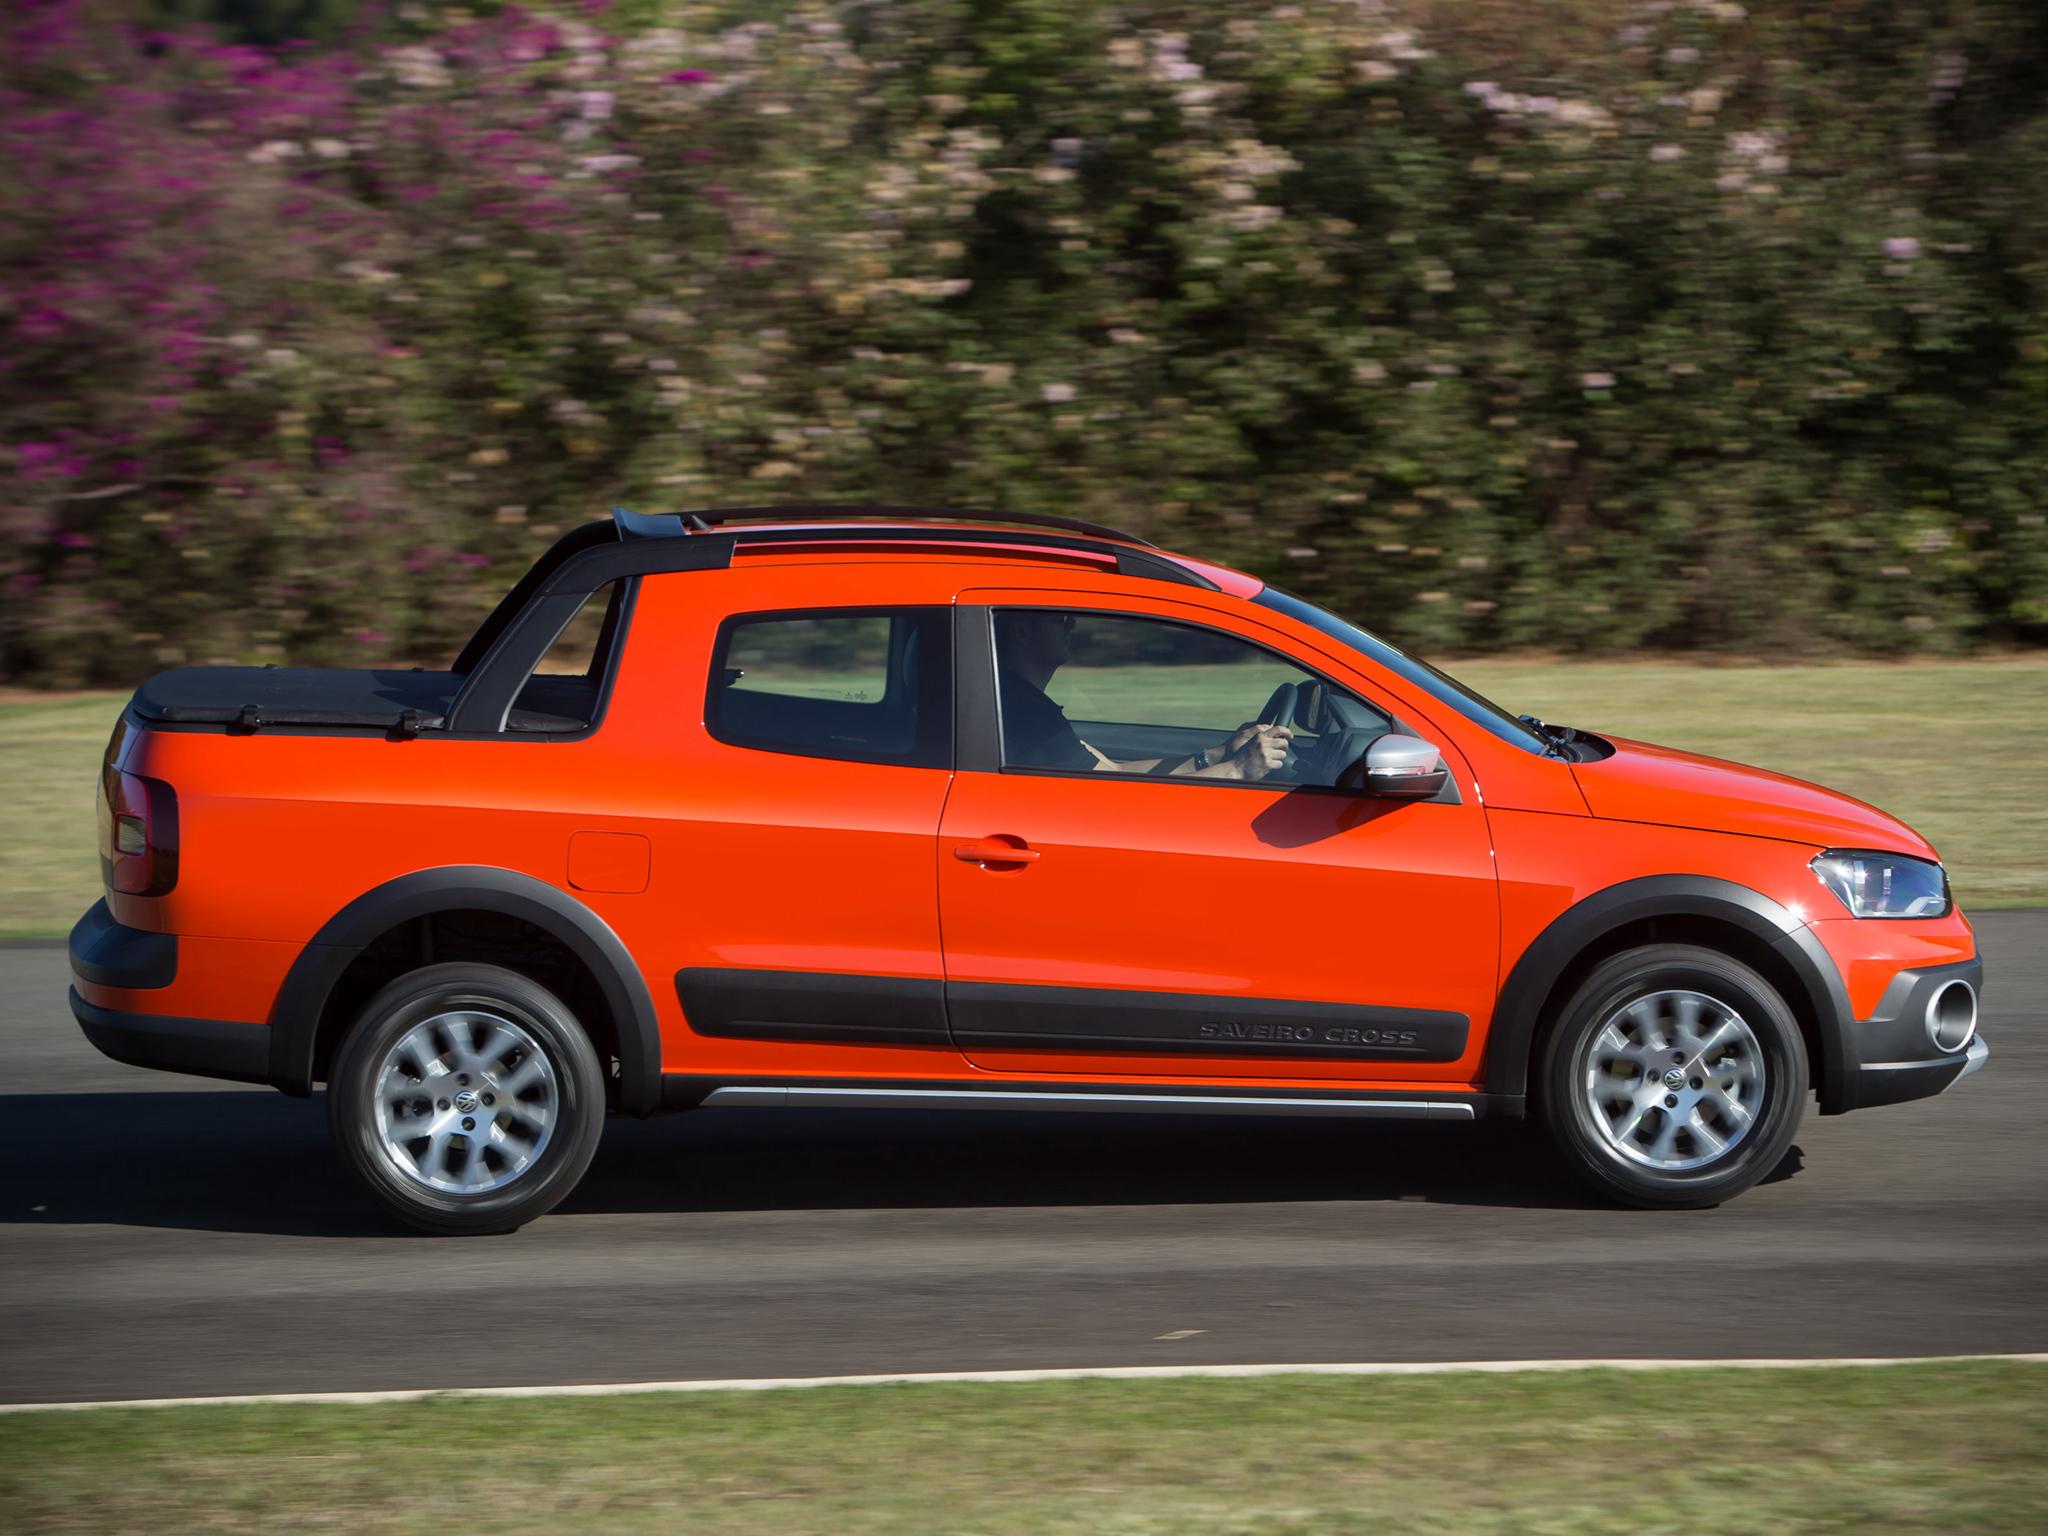 2014 Volkswagen Saveiro Cross Pickup Gets Crew Cab Version ...